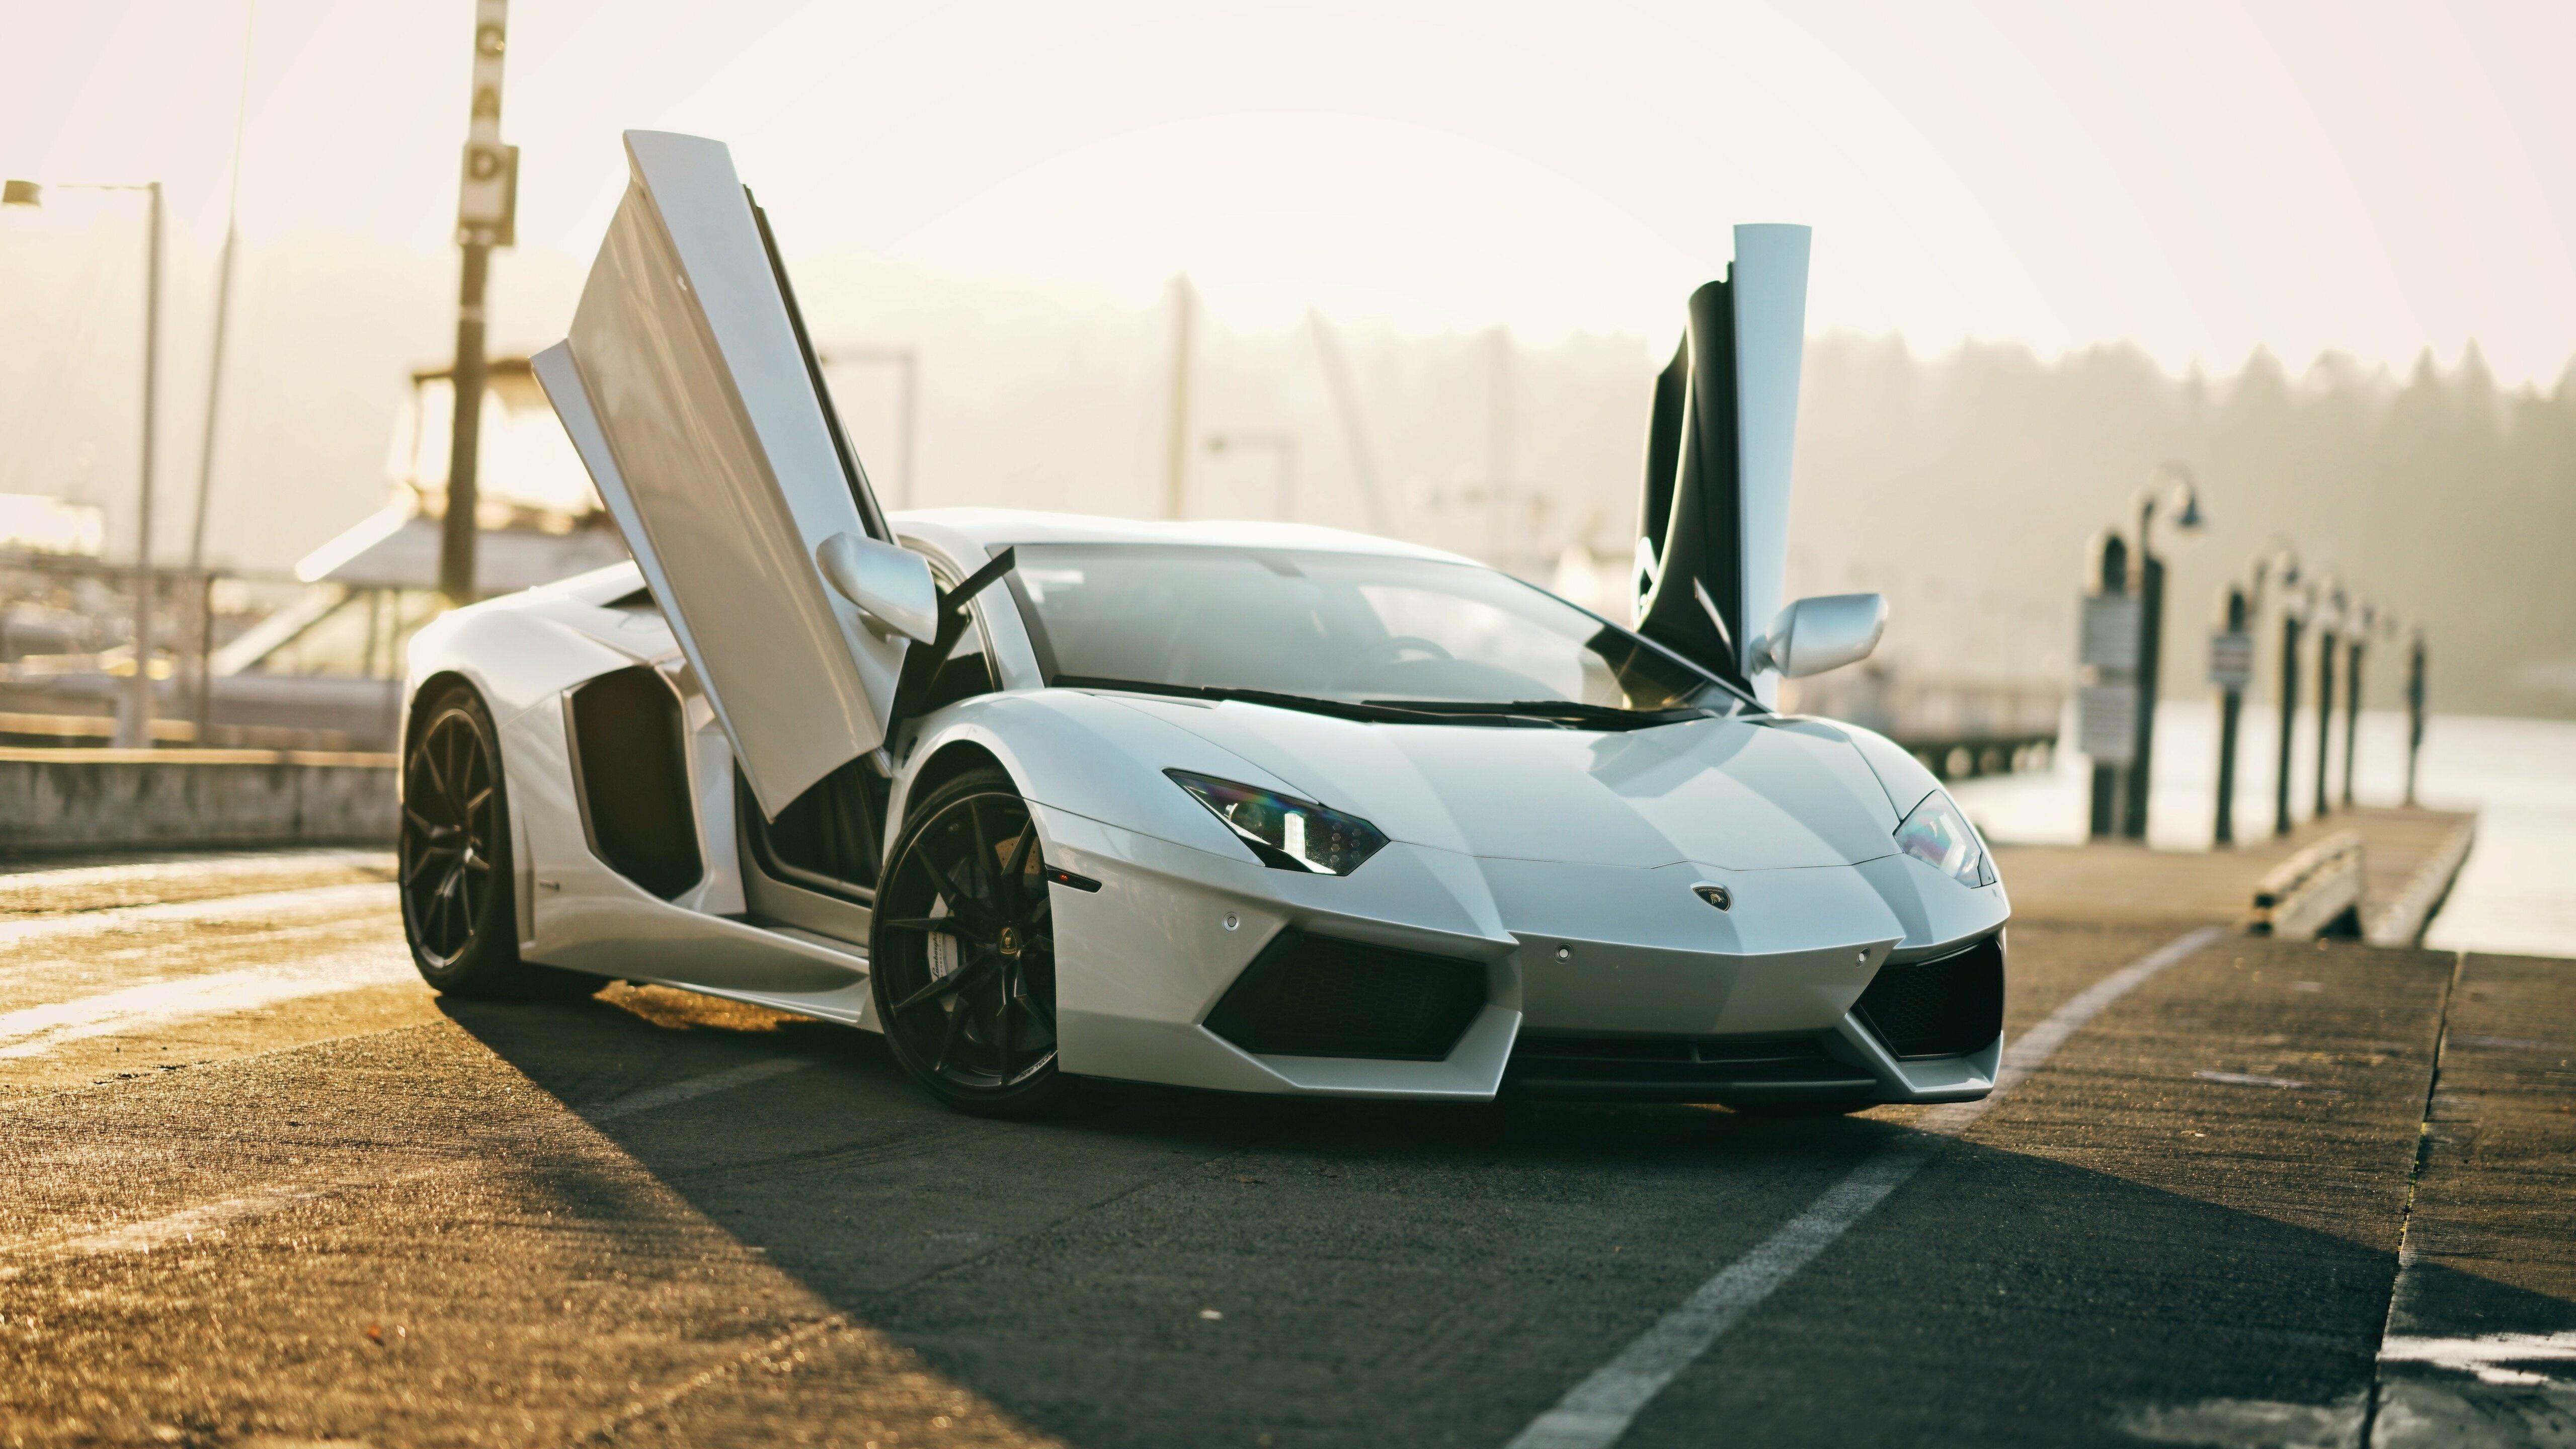 White Lamborghini Aventador wallpaper